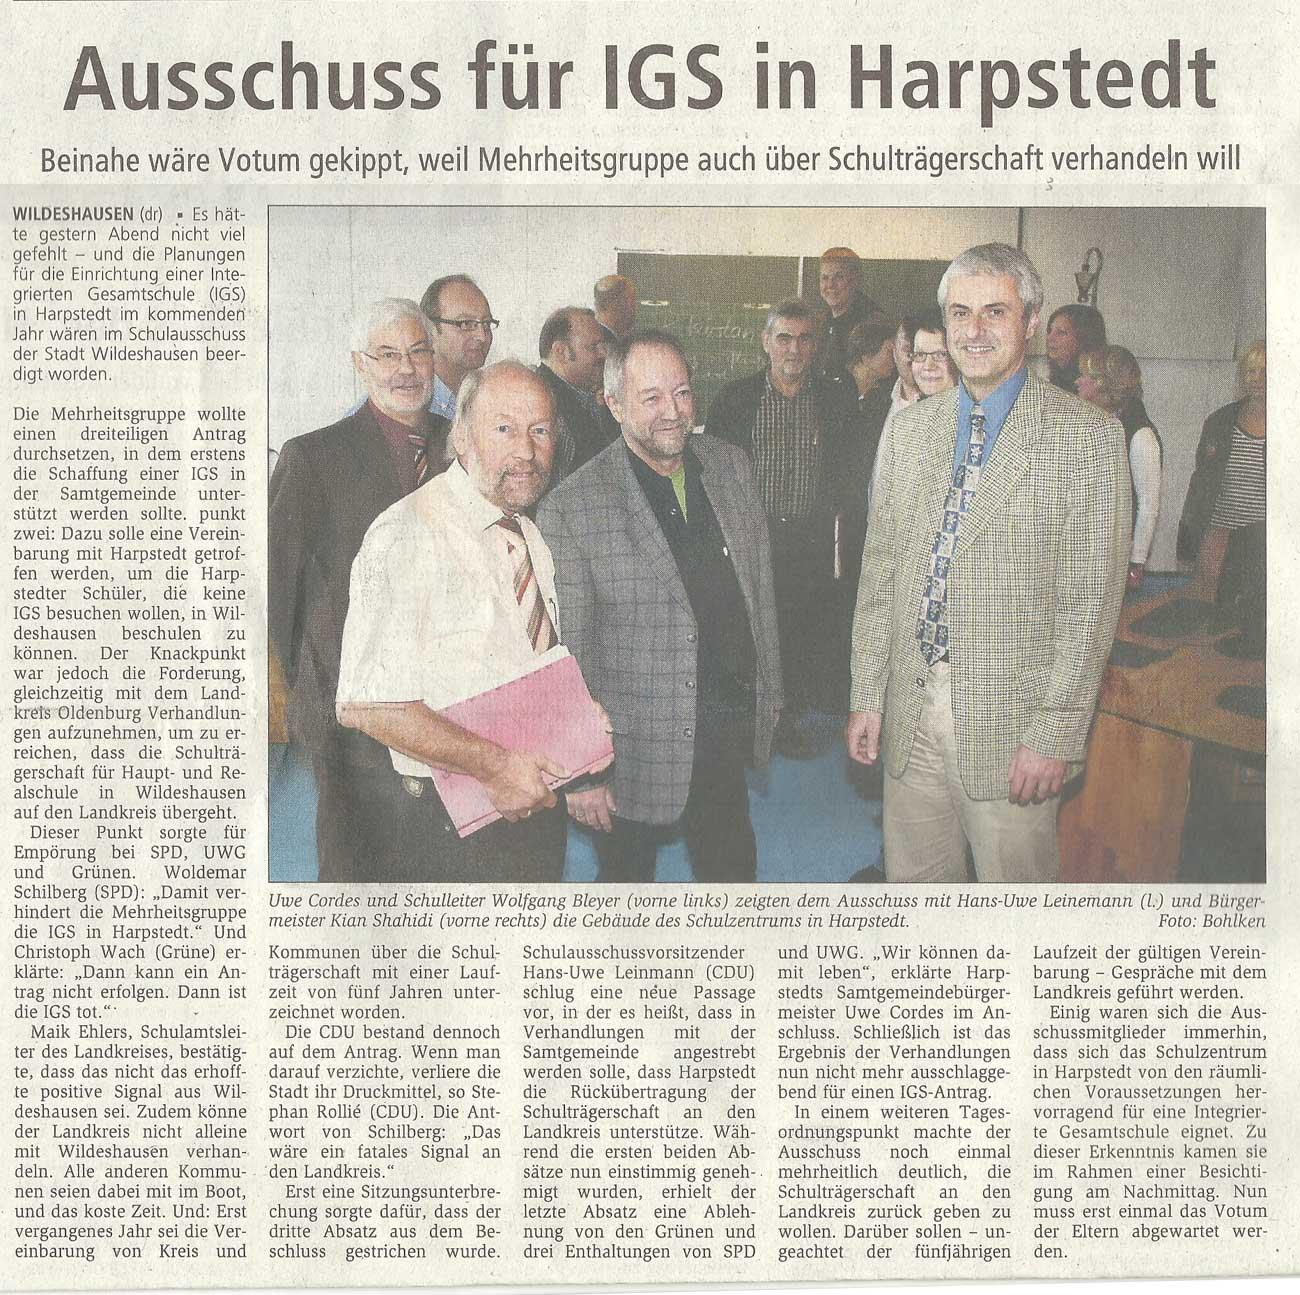 Ausschuss für IGS in HarpstedtSchulausschuss // Beinahe wäre Votum gekippt, weil Mehrheitsgruppe auch über Schulträgerschaft verhandeln willArtikel vom 06.10.2010 (WZ)